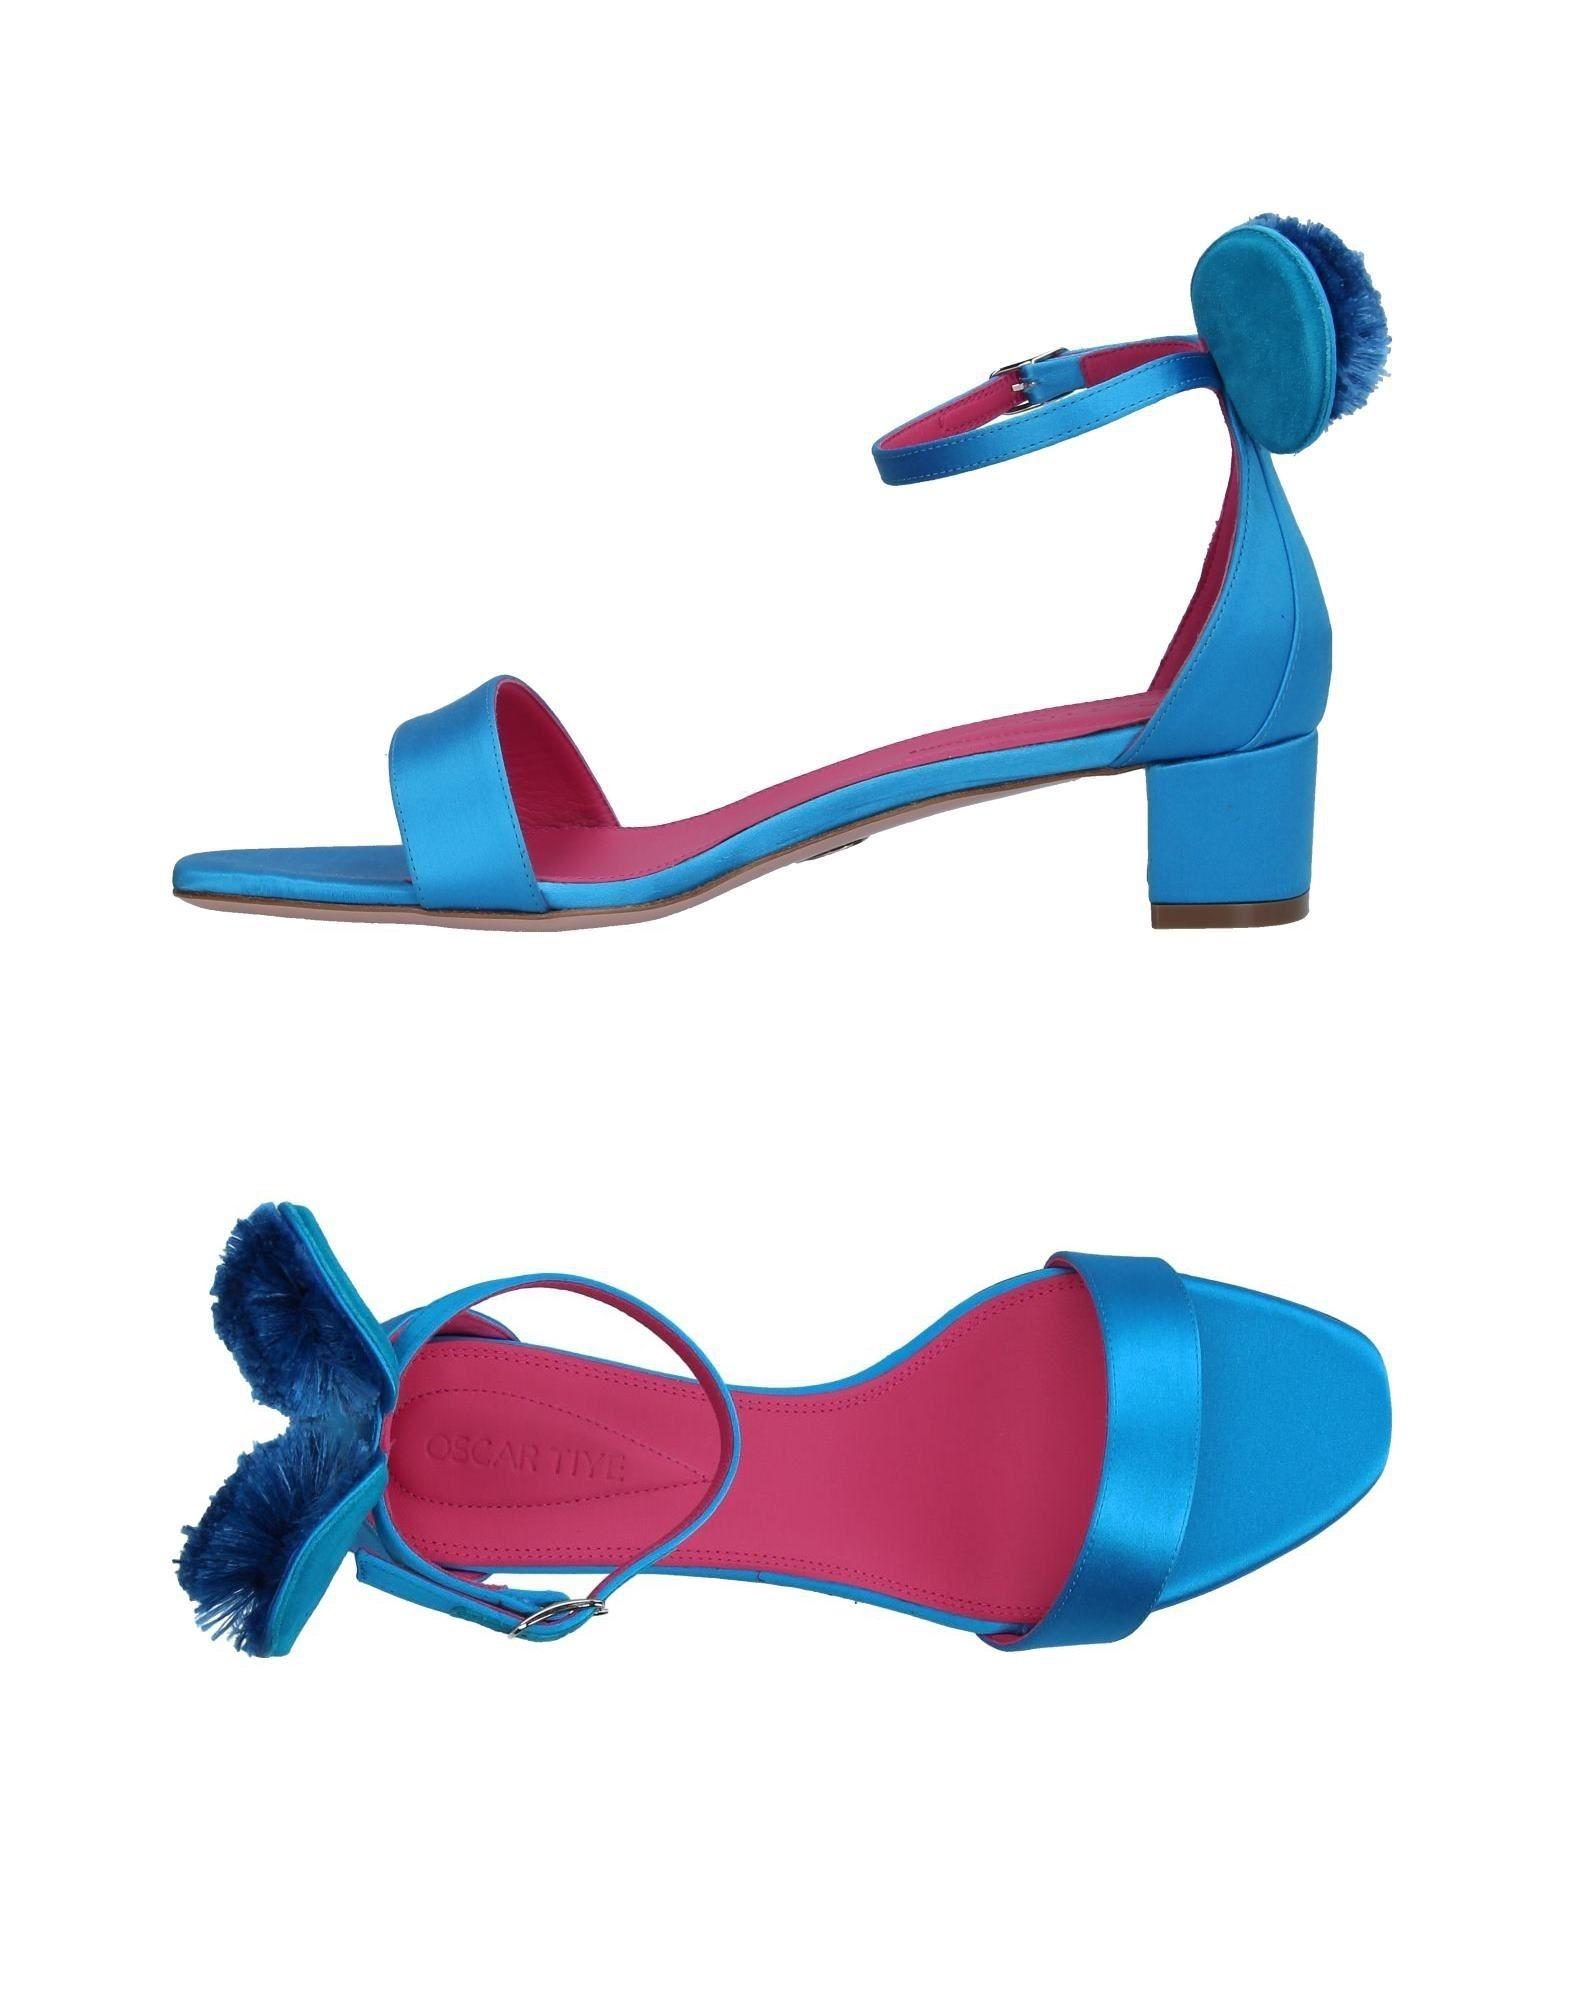 Oscar Tiye Sandals